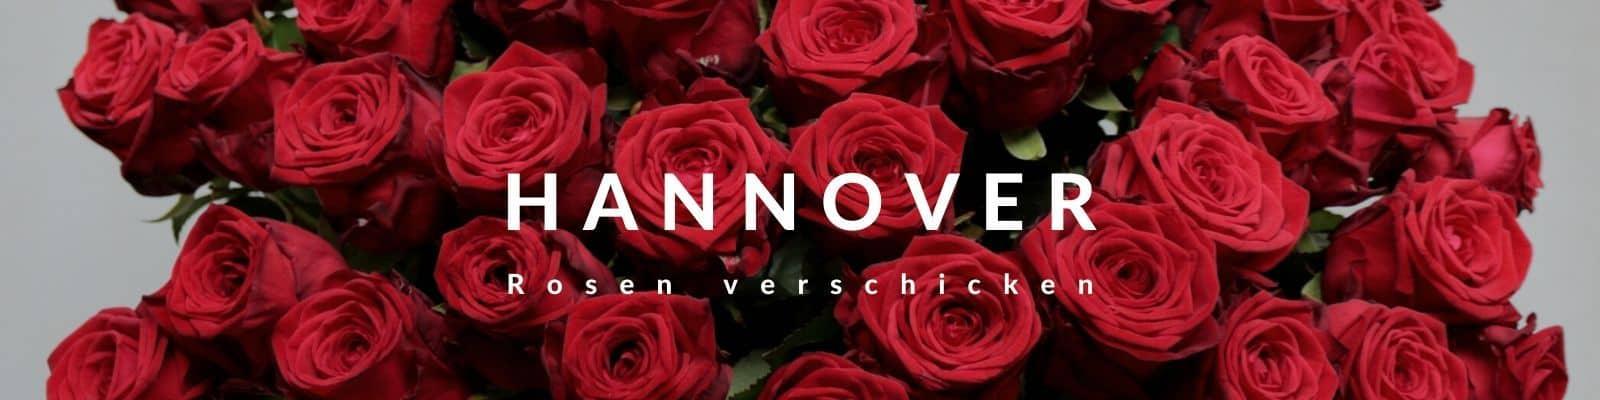 Rosen verschicken Hannover - Blumenversand